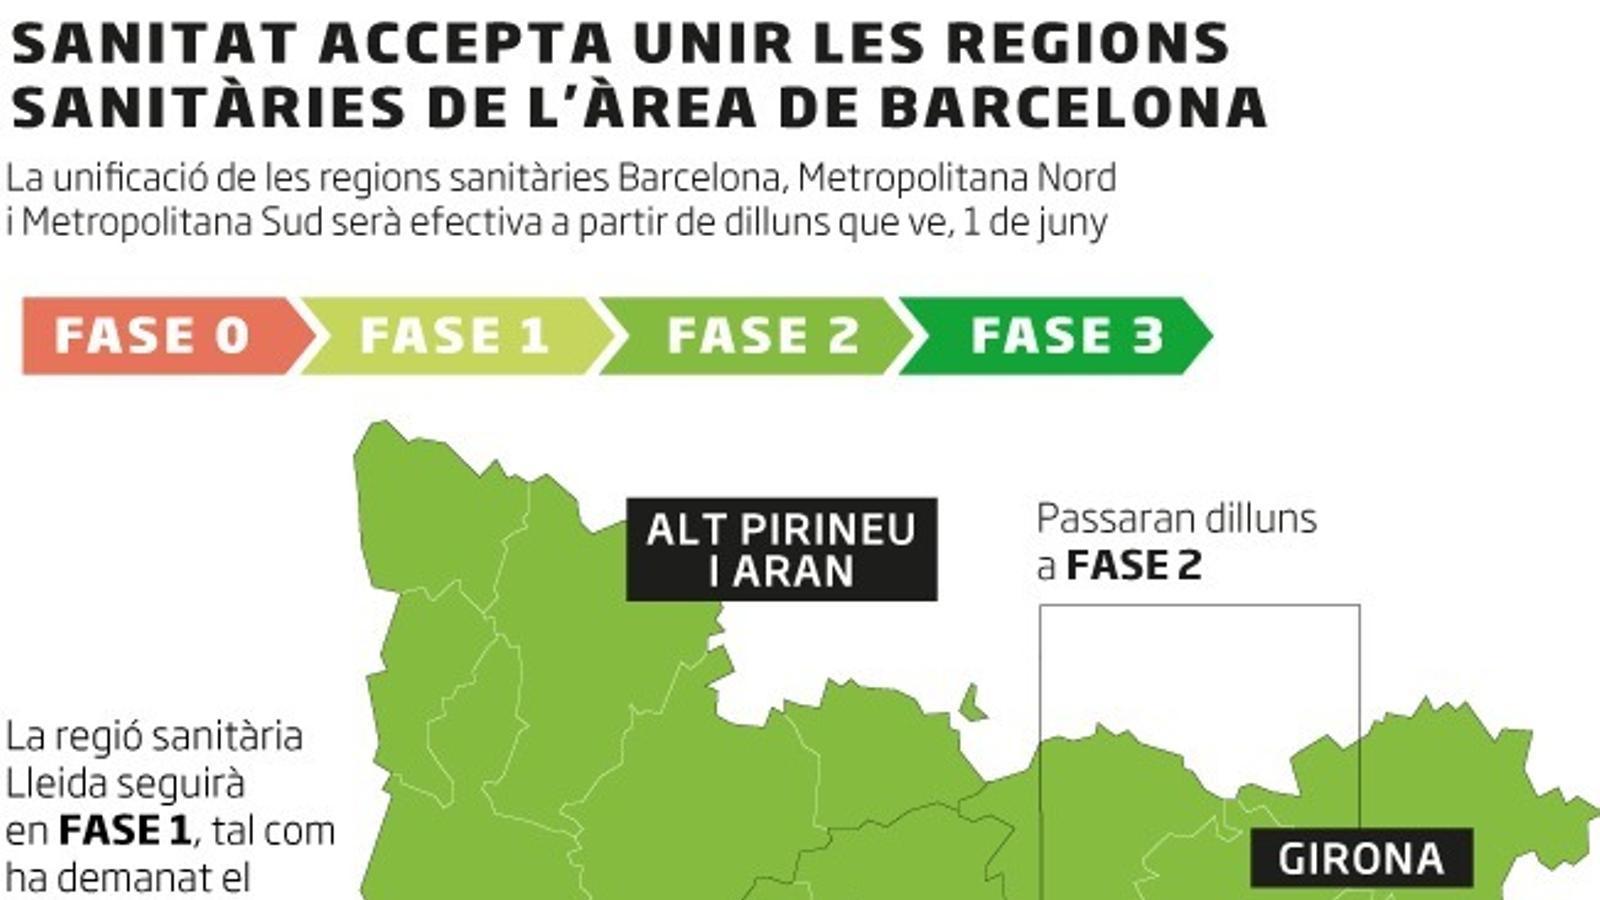 El mapa del desconfinament per fases de Catalunya, dijous 28 de maig del 2020